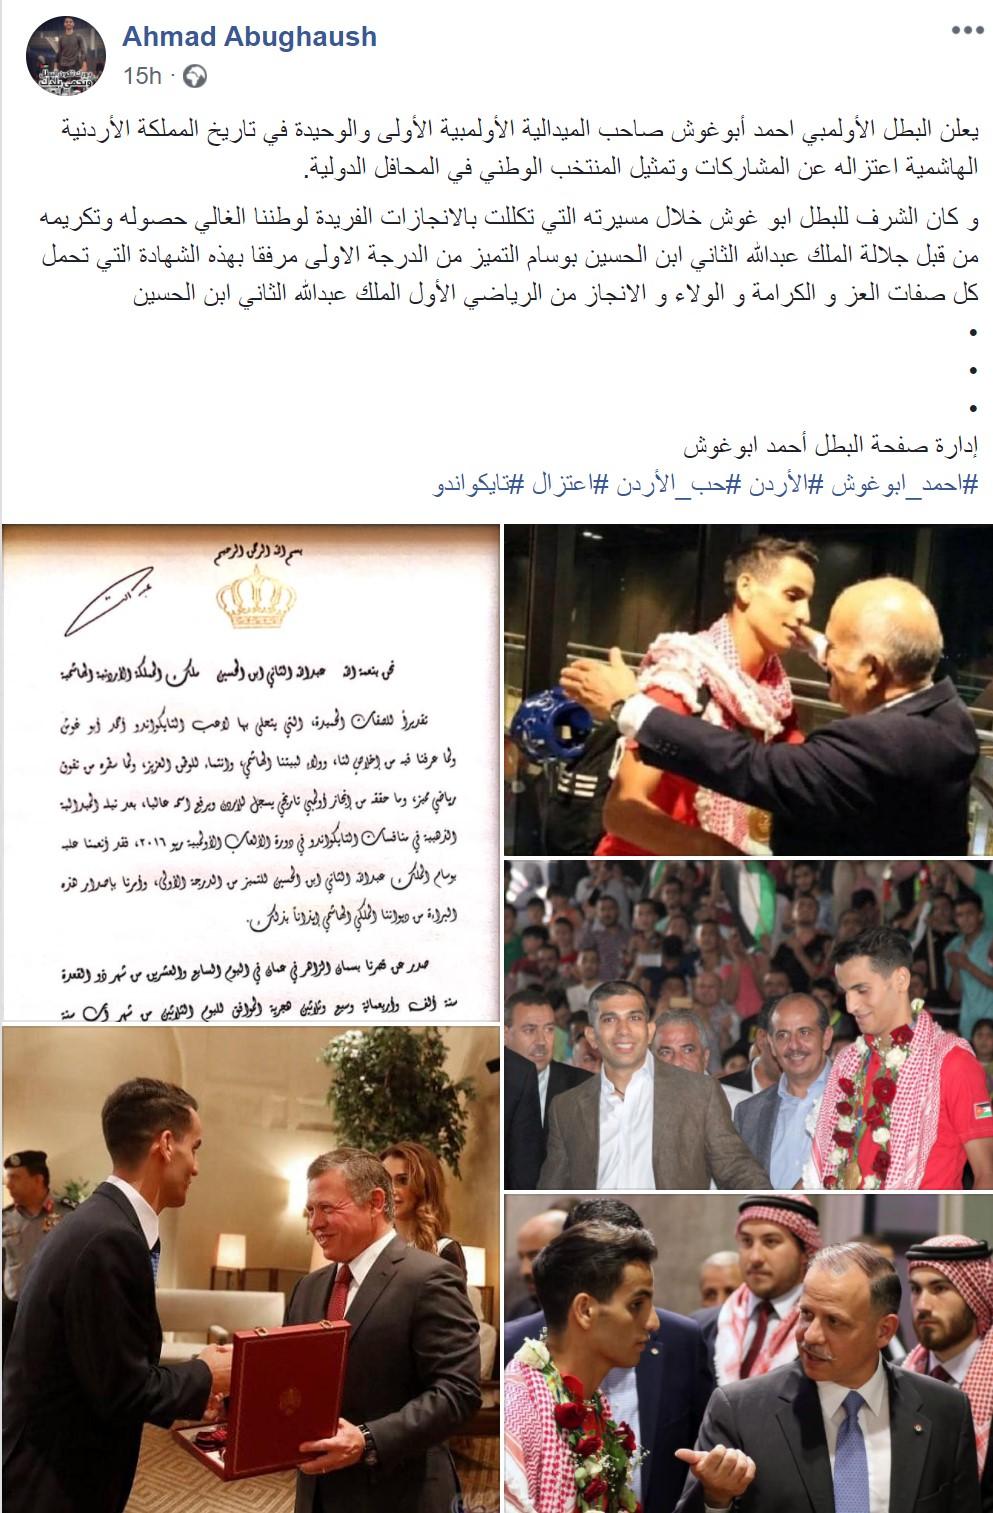 اعتزال البطل الأردني أحمد أبو غوش يثير موجة من التساؤلات عبر مواقع التواصل